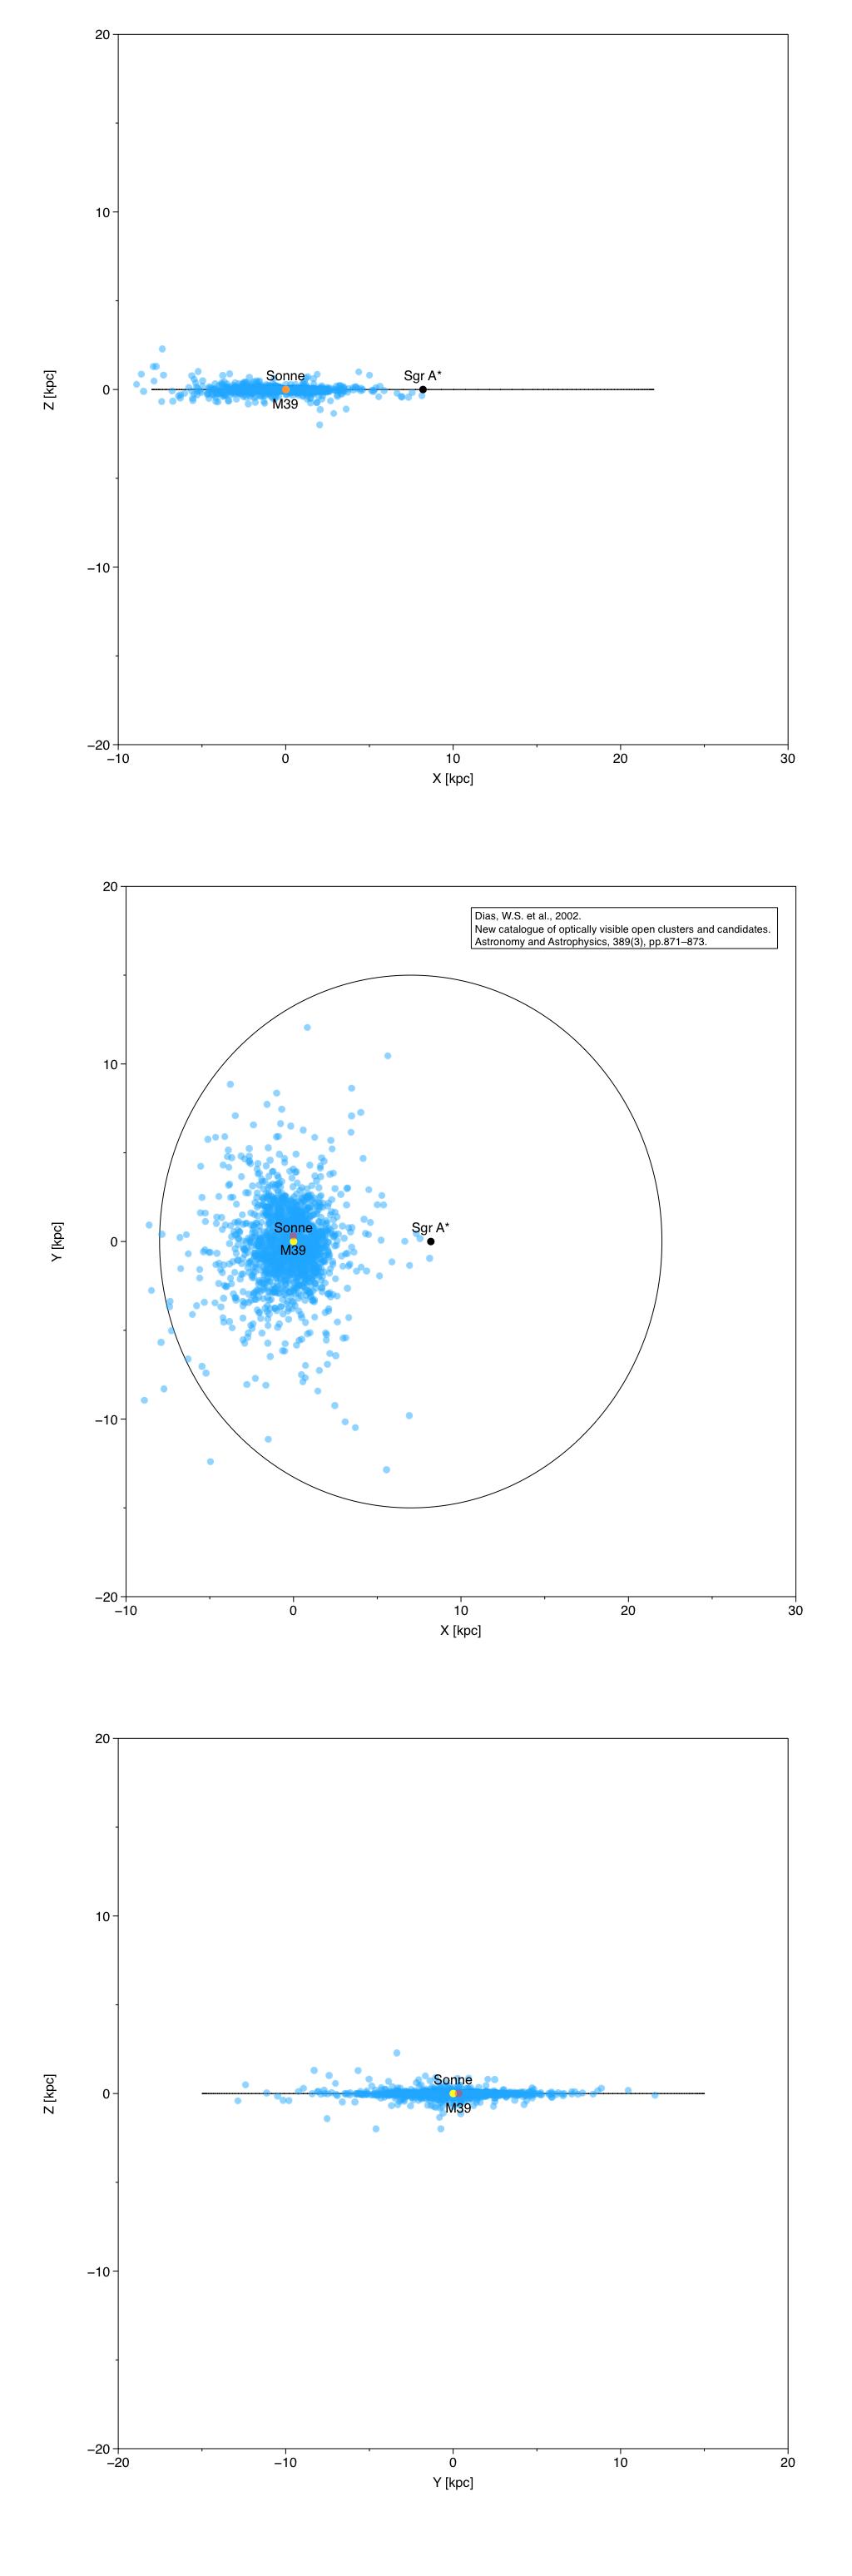 Die Position vom M39 (rot) innerhalb der Milchstrasse. Sonne (gelb), Zentrum der Milchstraße (schwarz), andere offene Sternhaufen (blau). Die Milchstraße wird durch einen erweiterten Kreis mit einem Durchmesser von 30 kpc angedeutet. Die x-Achse zeigt Richtung des Zentrum und die y-Achse in Richtung der Rotation der Milchstraße, die z-Achse weist auf den galaktischen Nordpol.